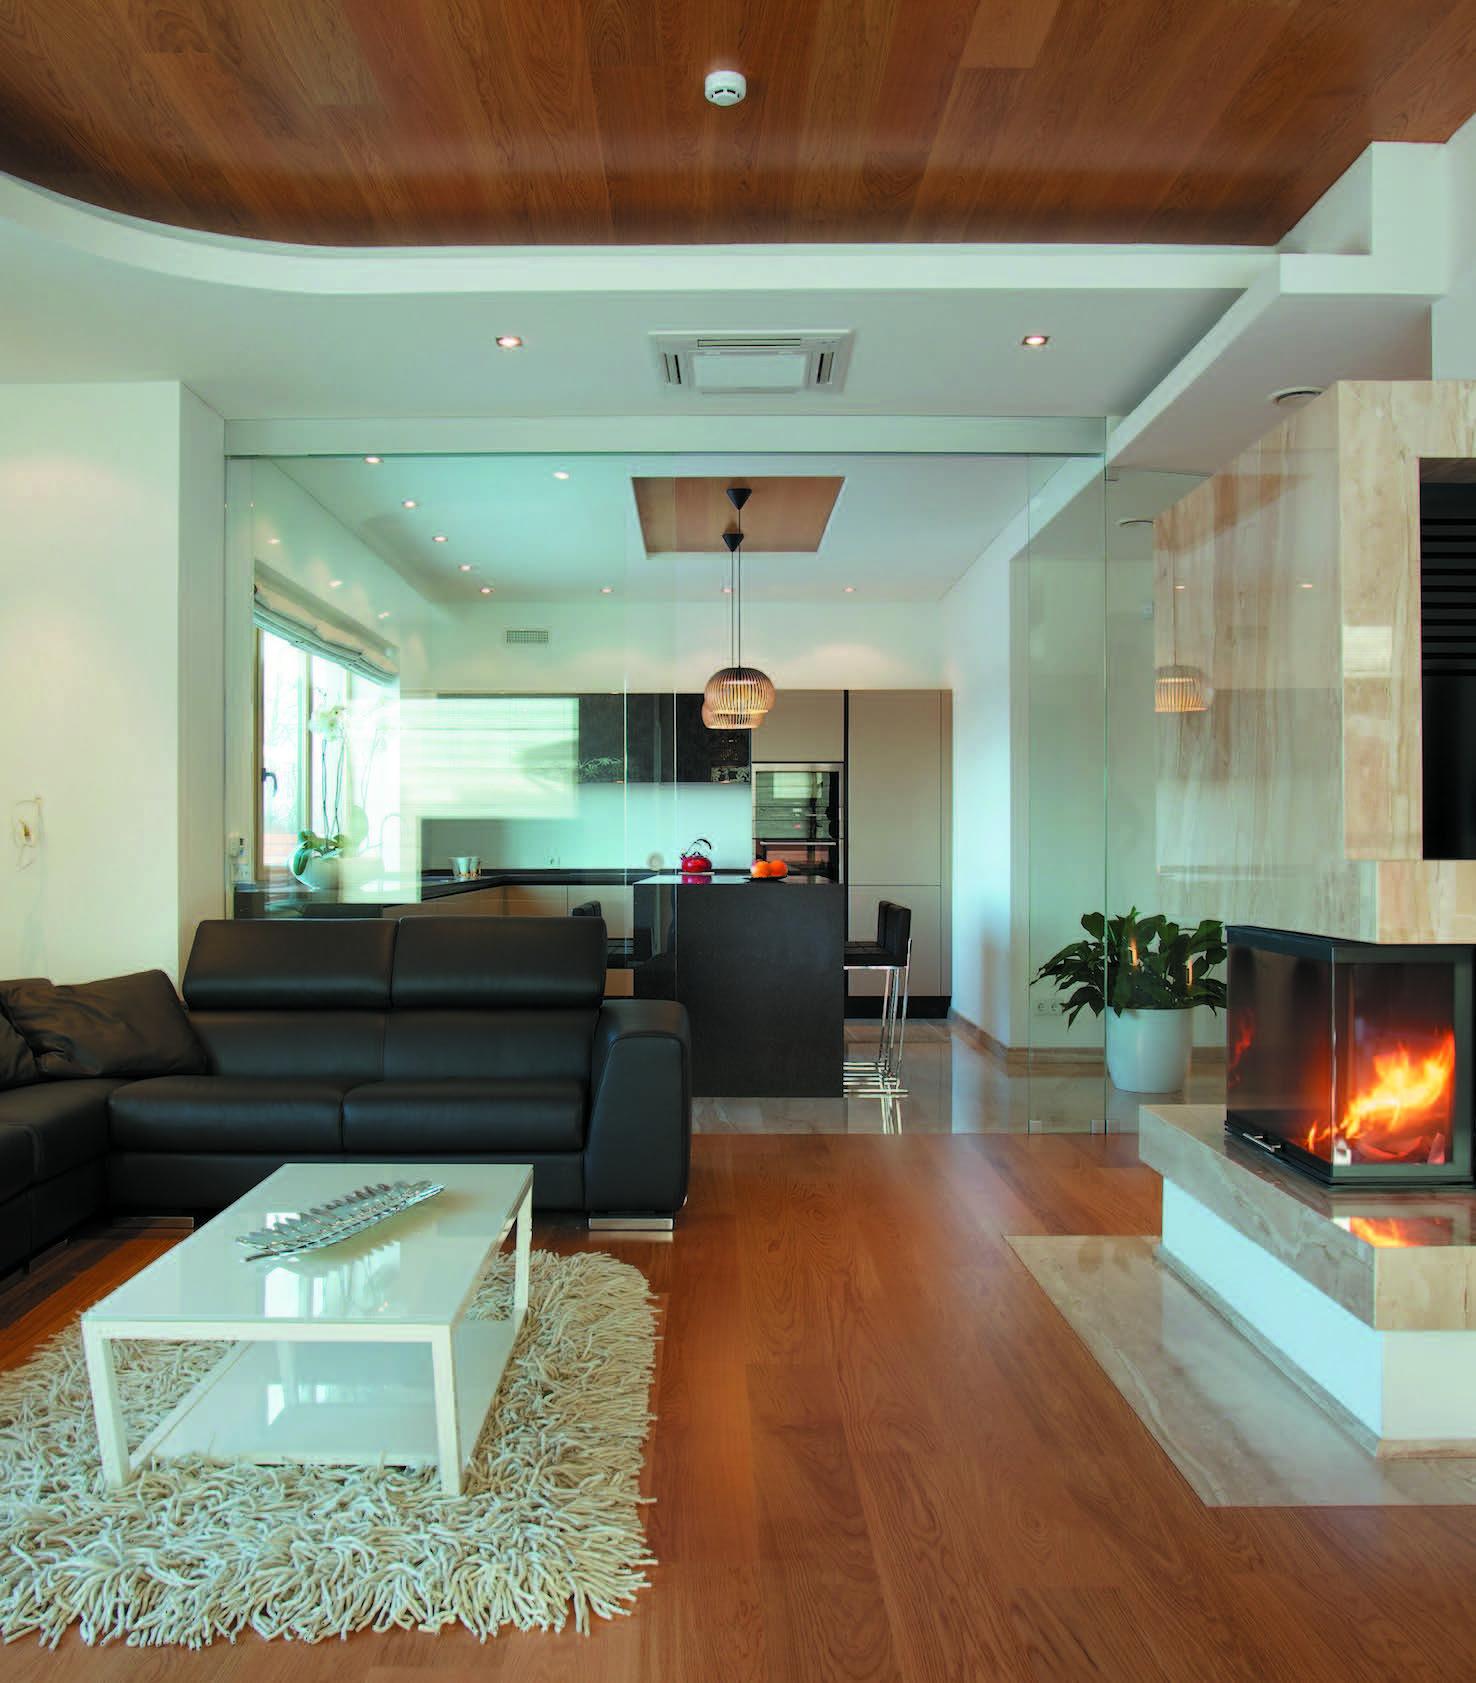 Virtuvė dažniausiai įkomponuojama į svetainės erdvę. Interjeras – Eglės Prunskienės ir Ievos Prunskaitės